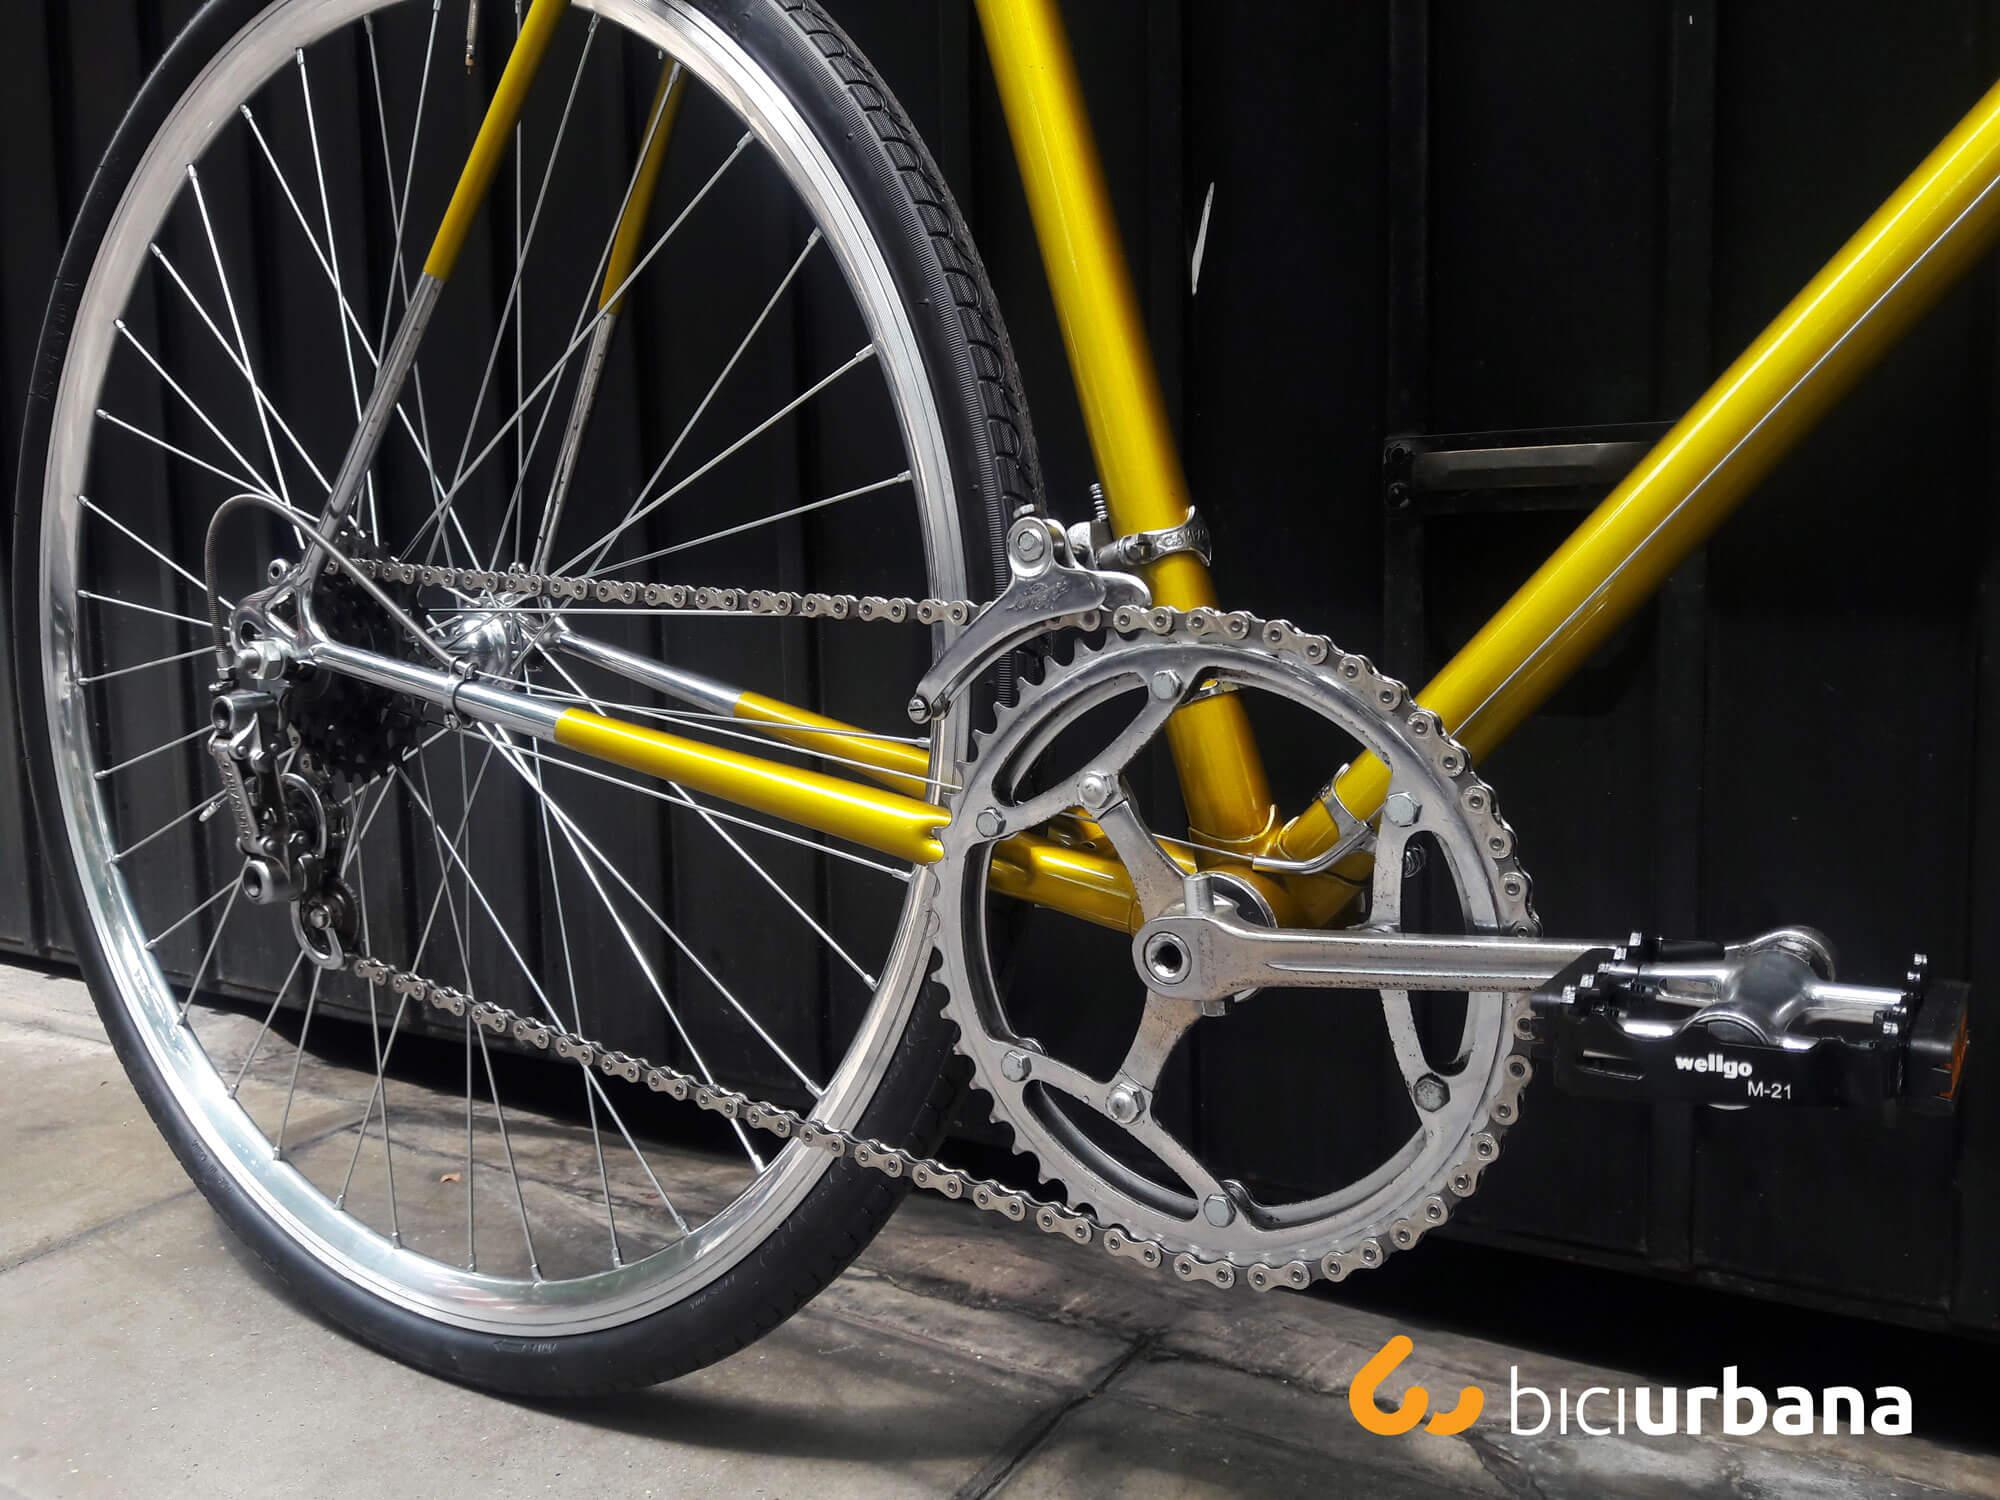 Trabajos de pintura en bicis - Bici Urbana